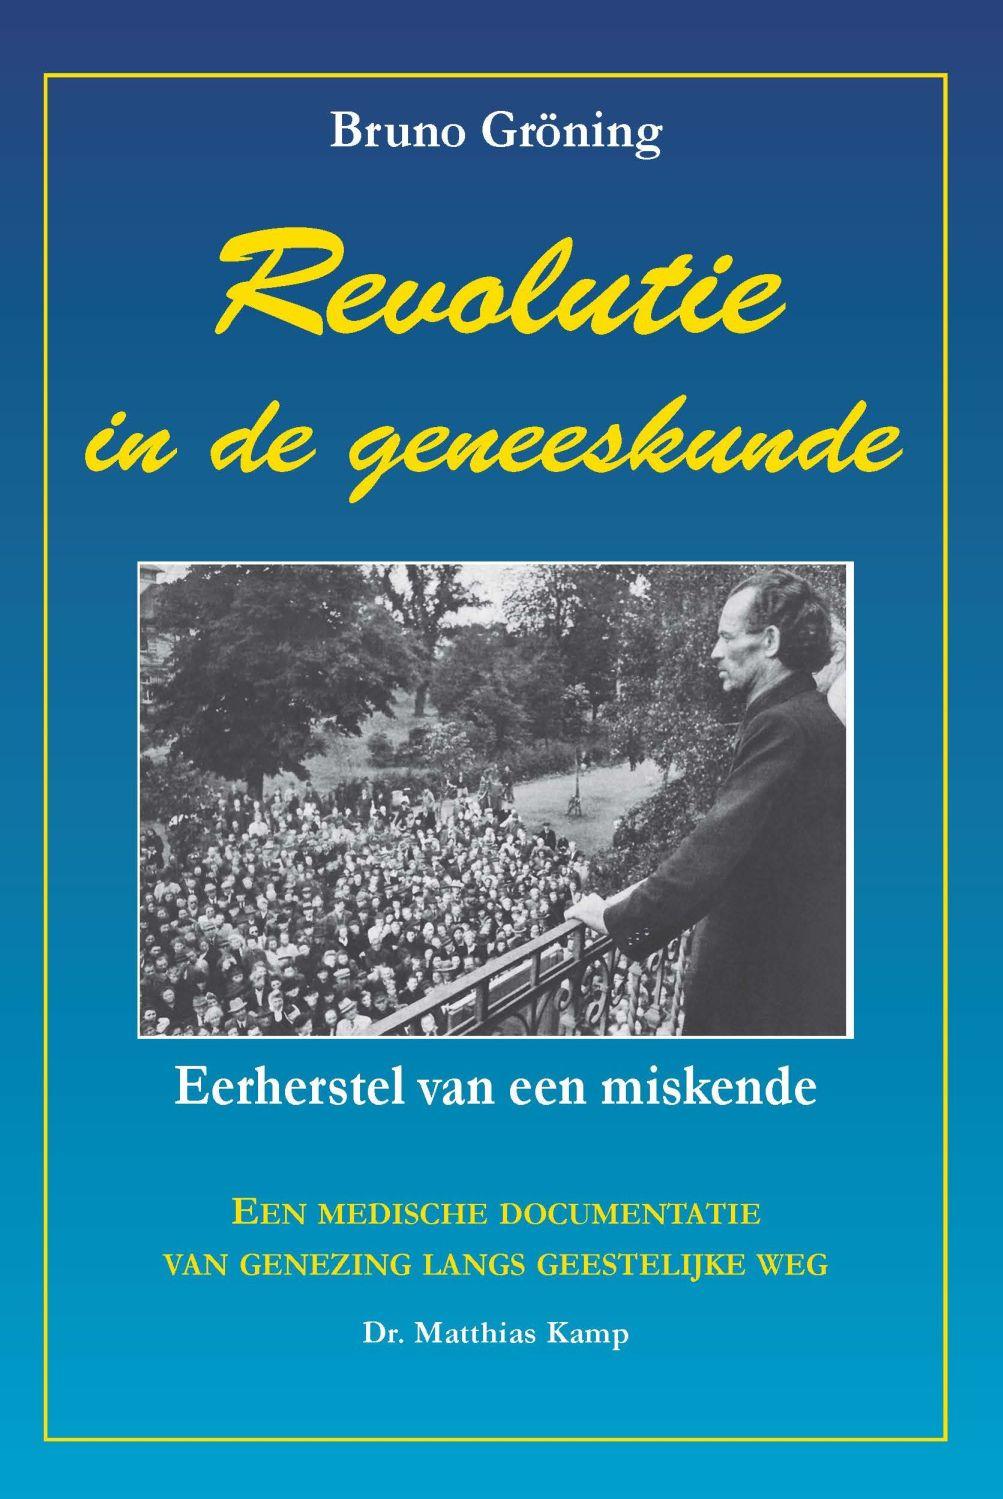 Niederländisch Artikel